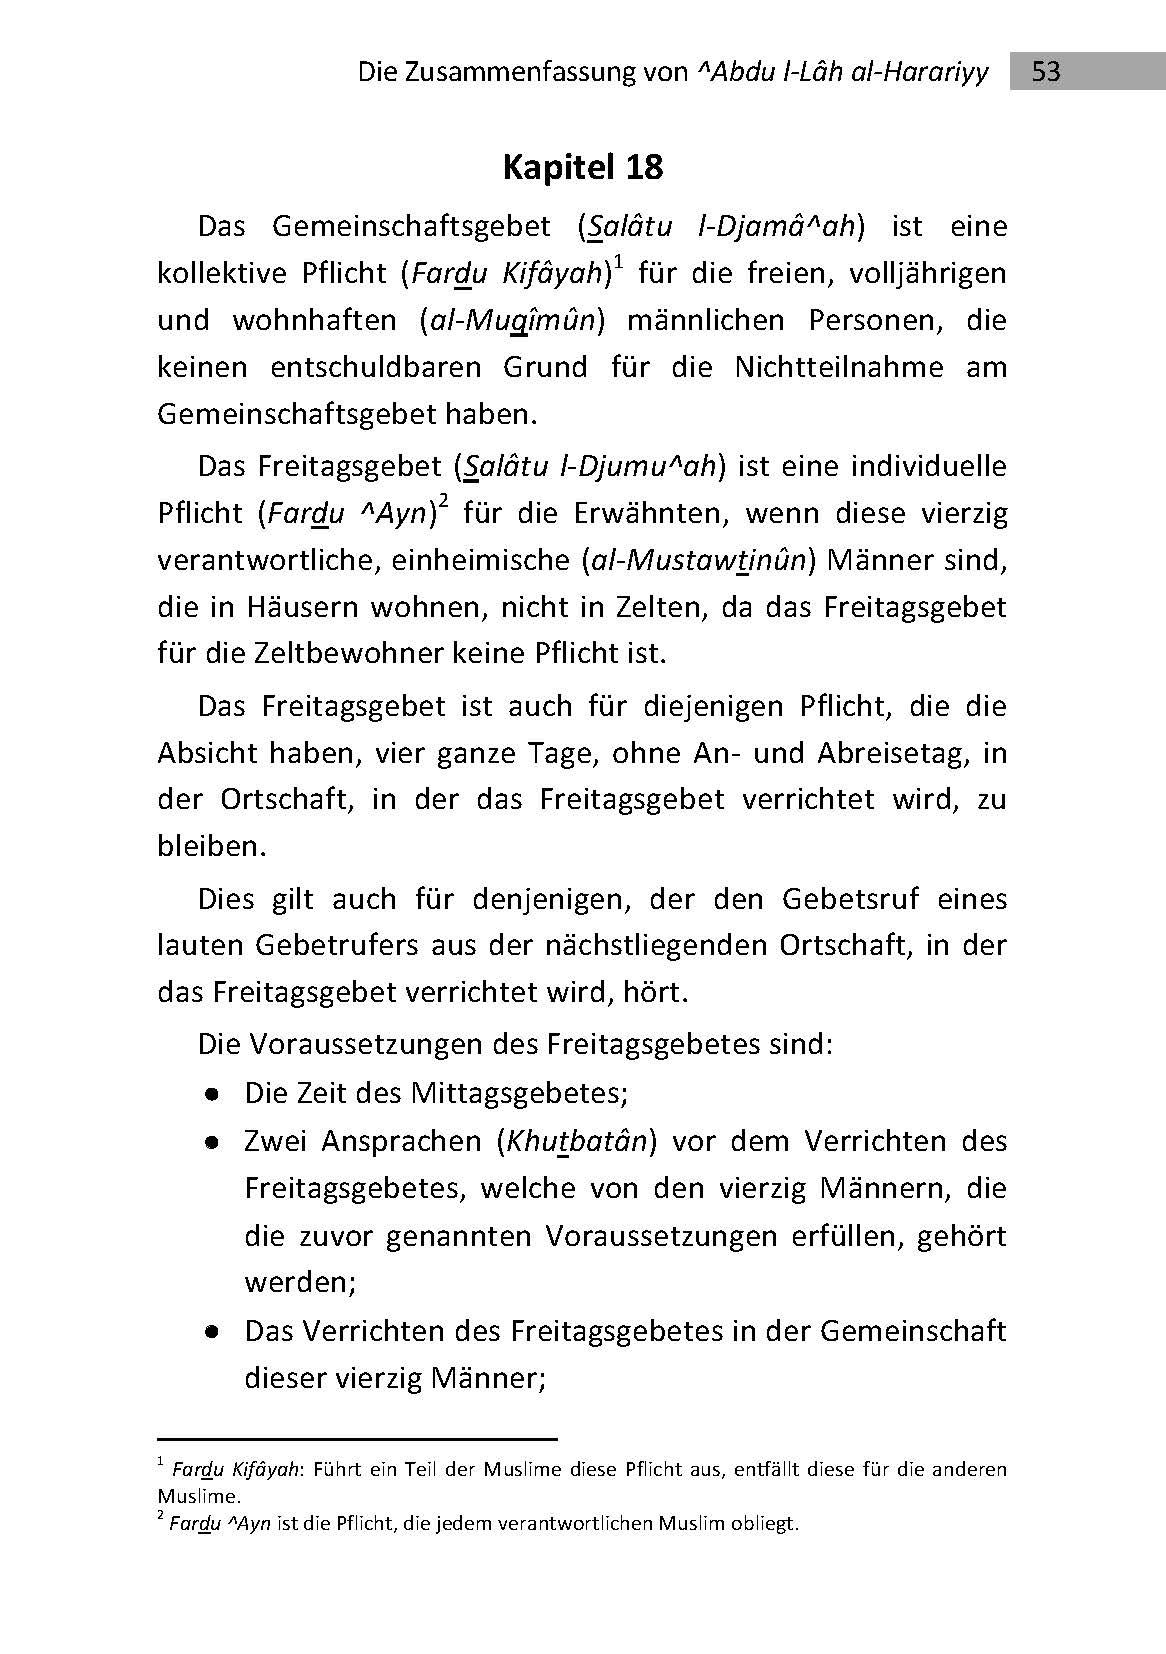 Die Zusammenfassung - 3. Auflage 2014_Seite_53